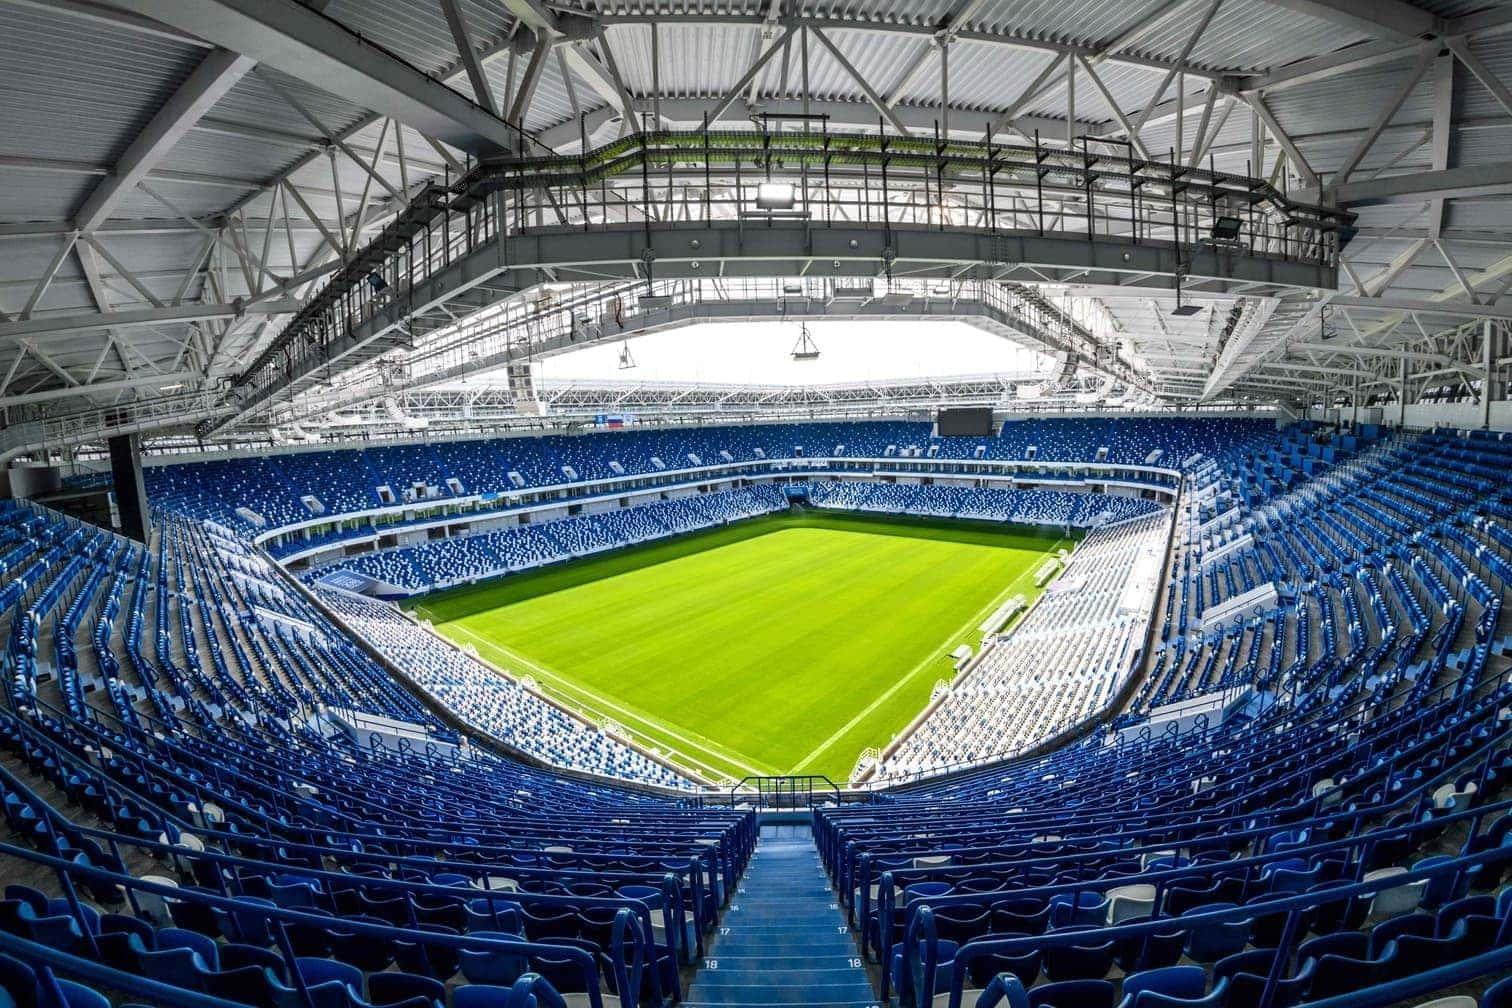 <p><strong>LUSCHNIKI-STADION:</strong> Es ist das Herz der WM. Die historische Fassade aus den 1950er Jahren ist erhalten geblieben